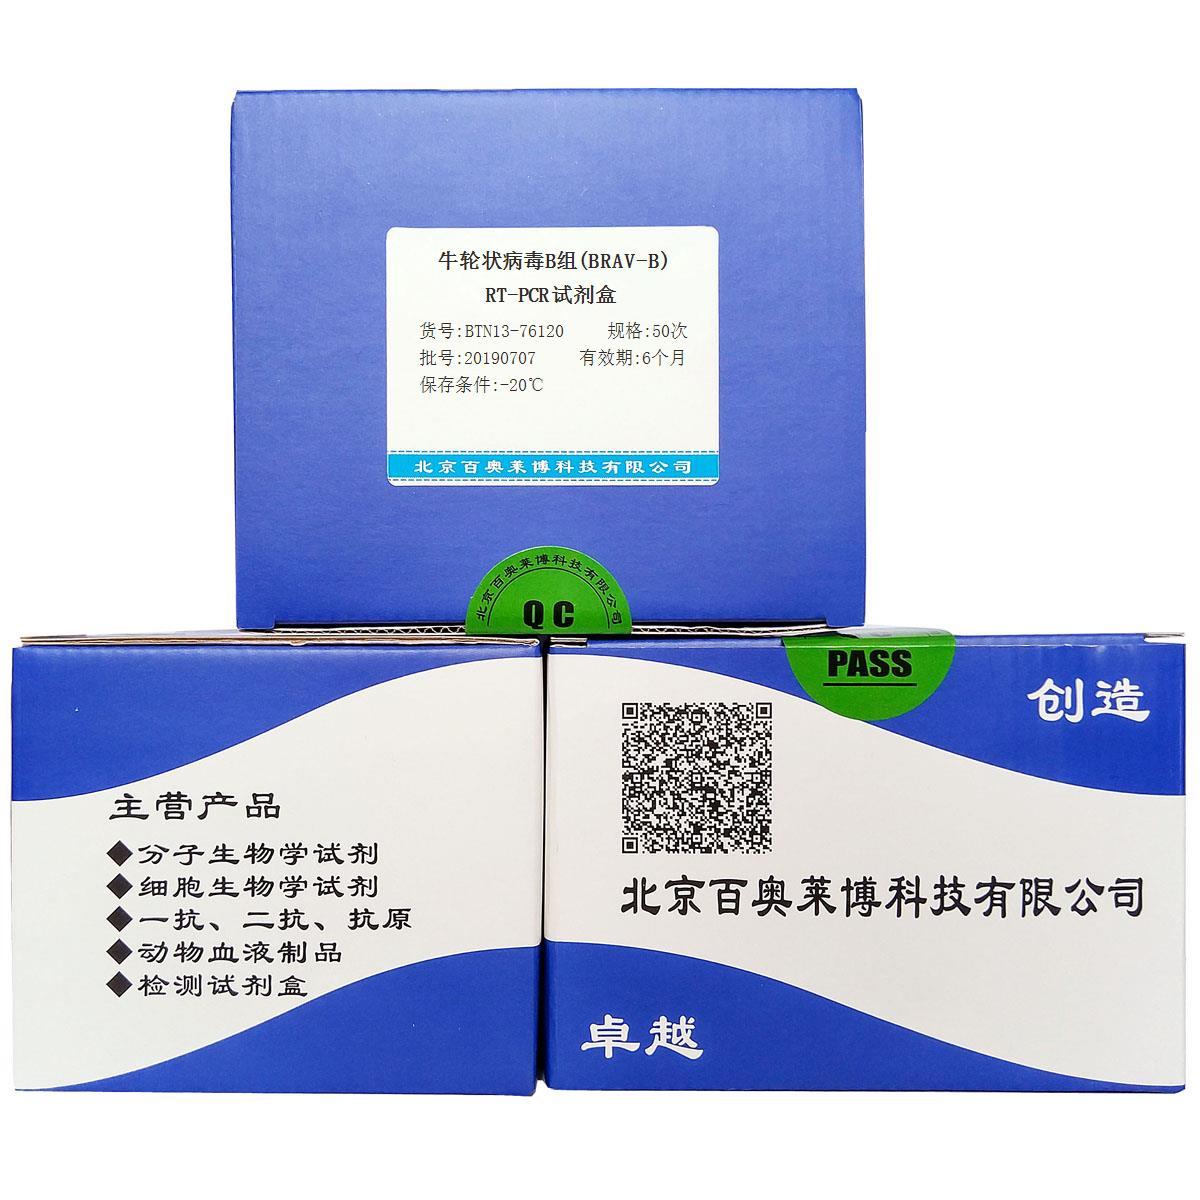 牛轮状病毒B组(BRAV-B)RT-PCR试剂盒